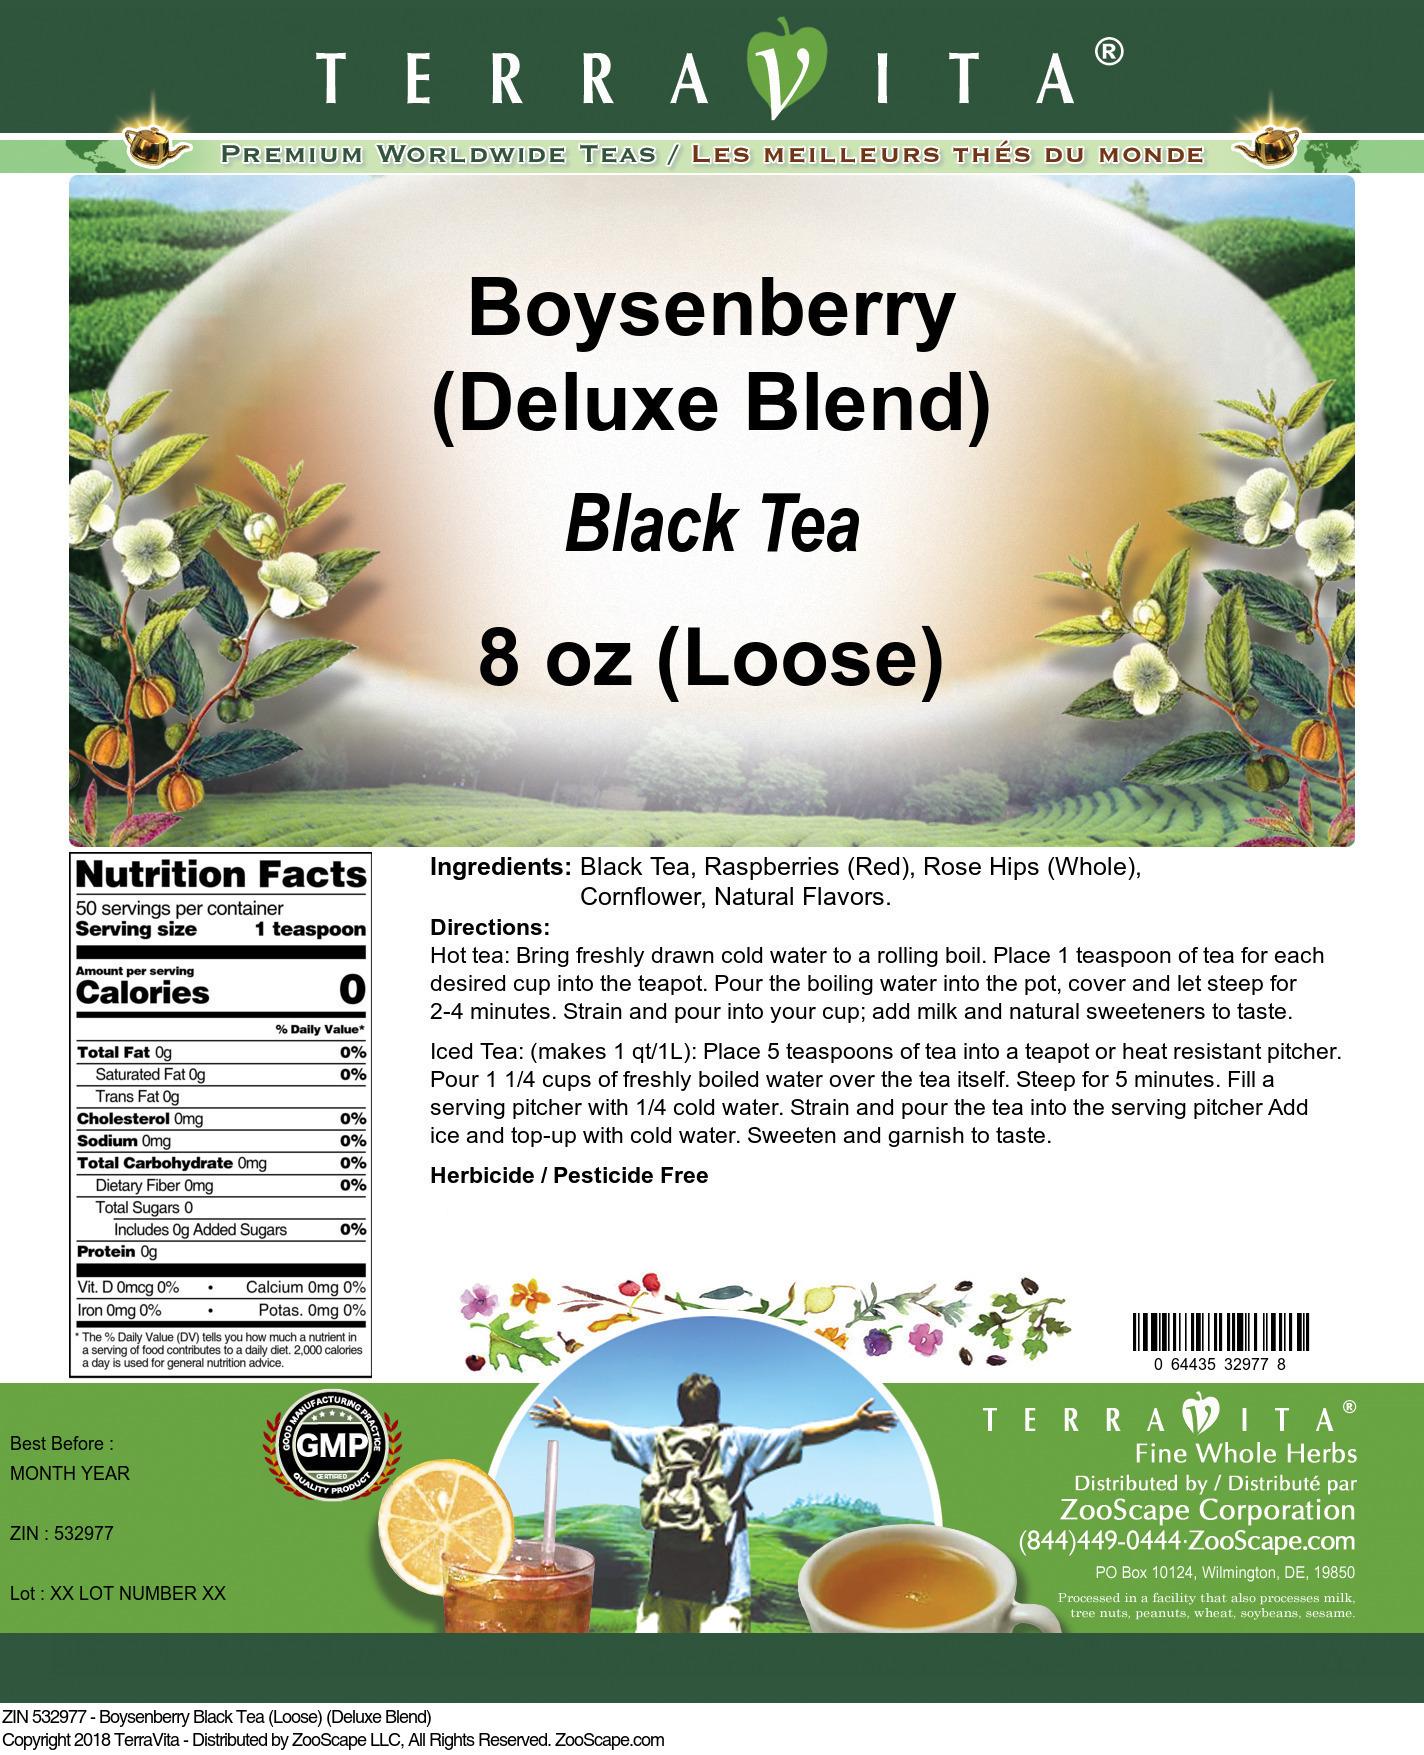 Boysenberry Black Tea